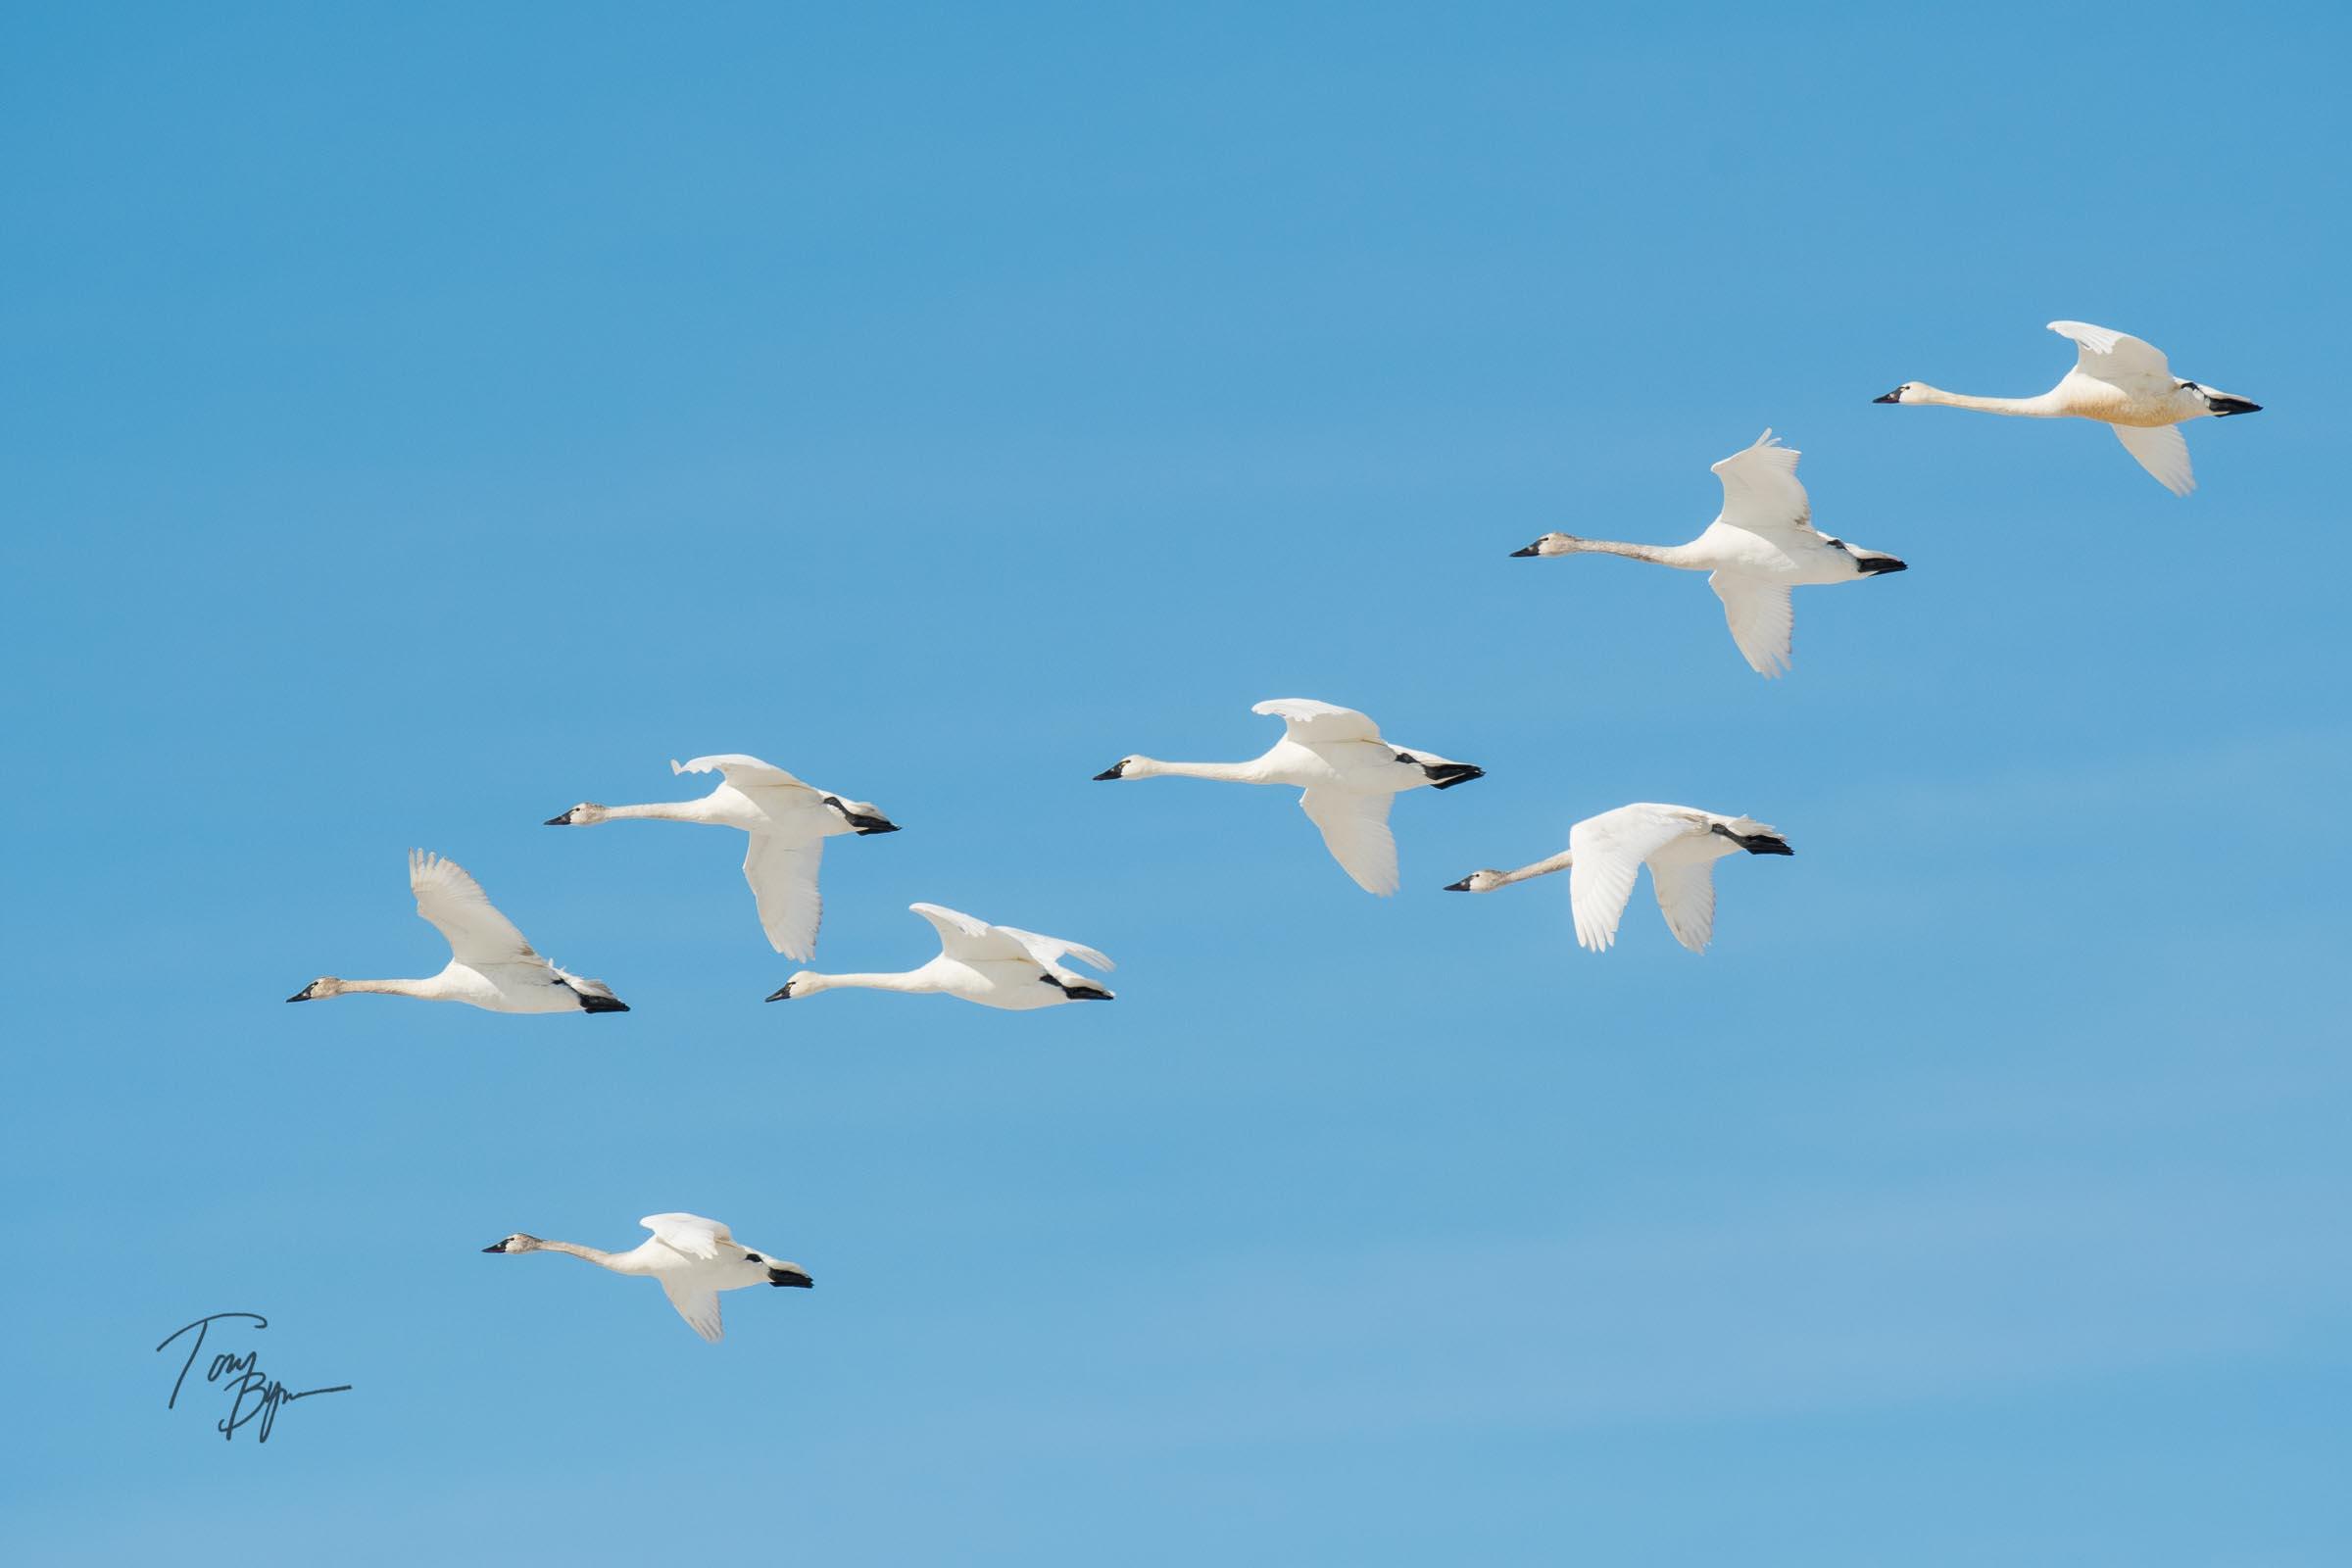 snow-geese-bynum-3808.JPG